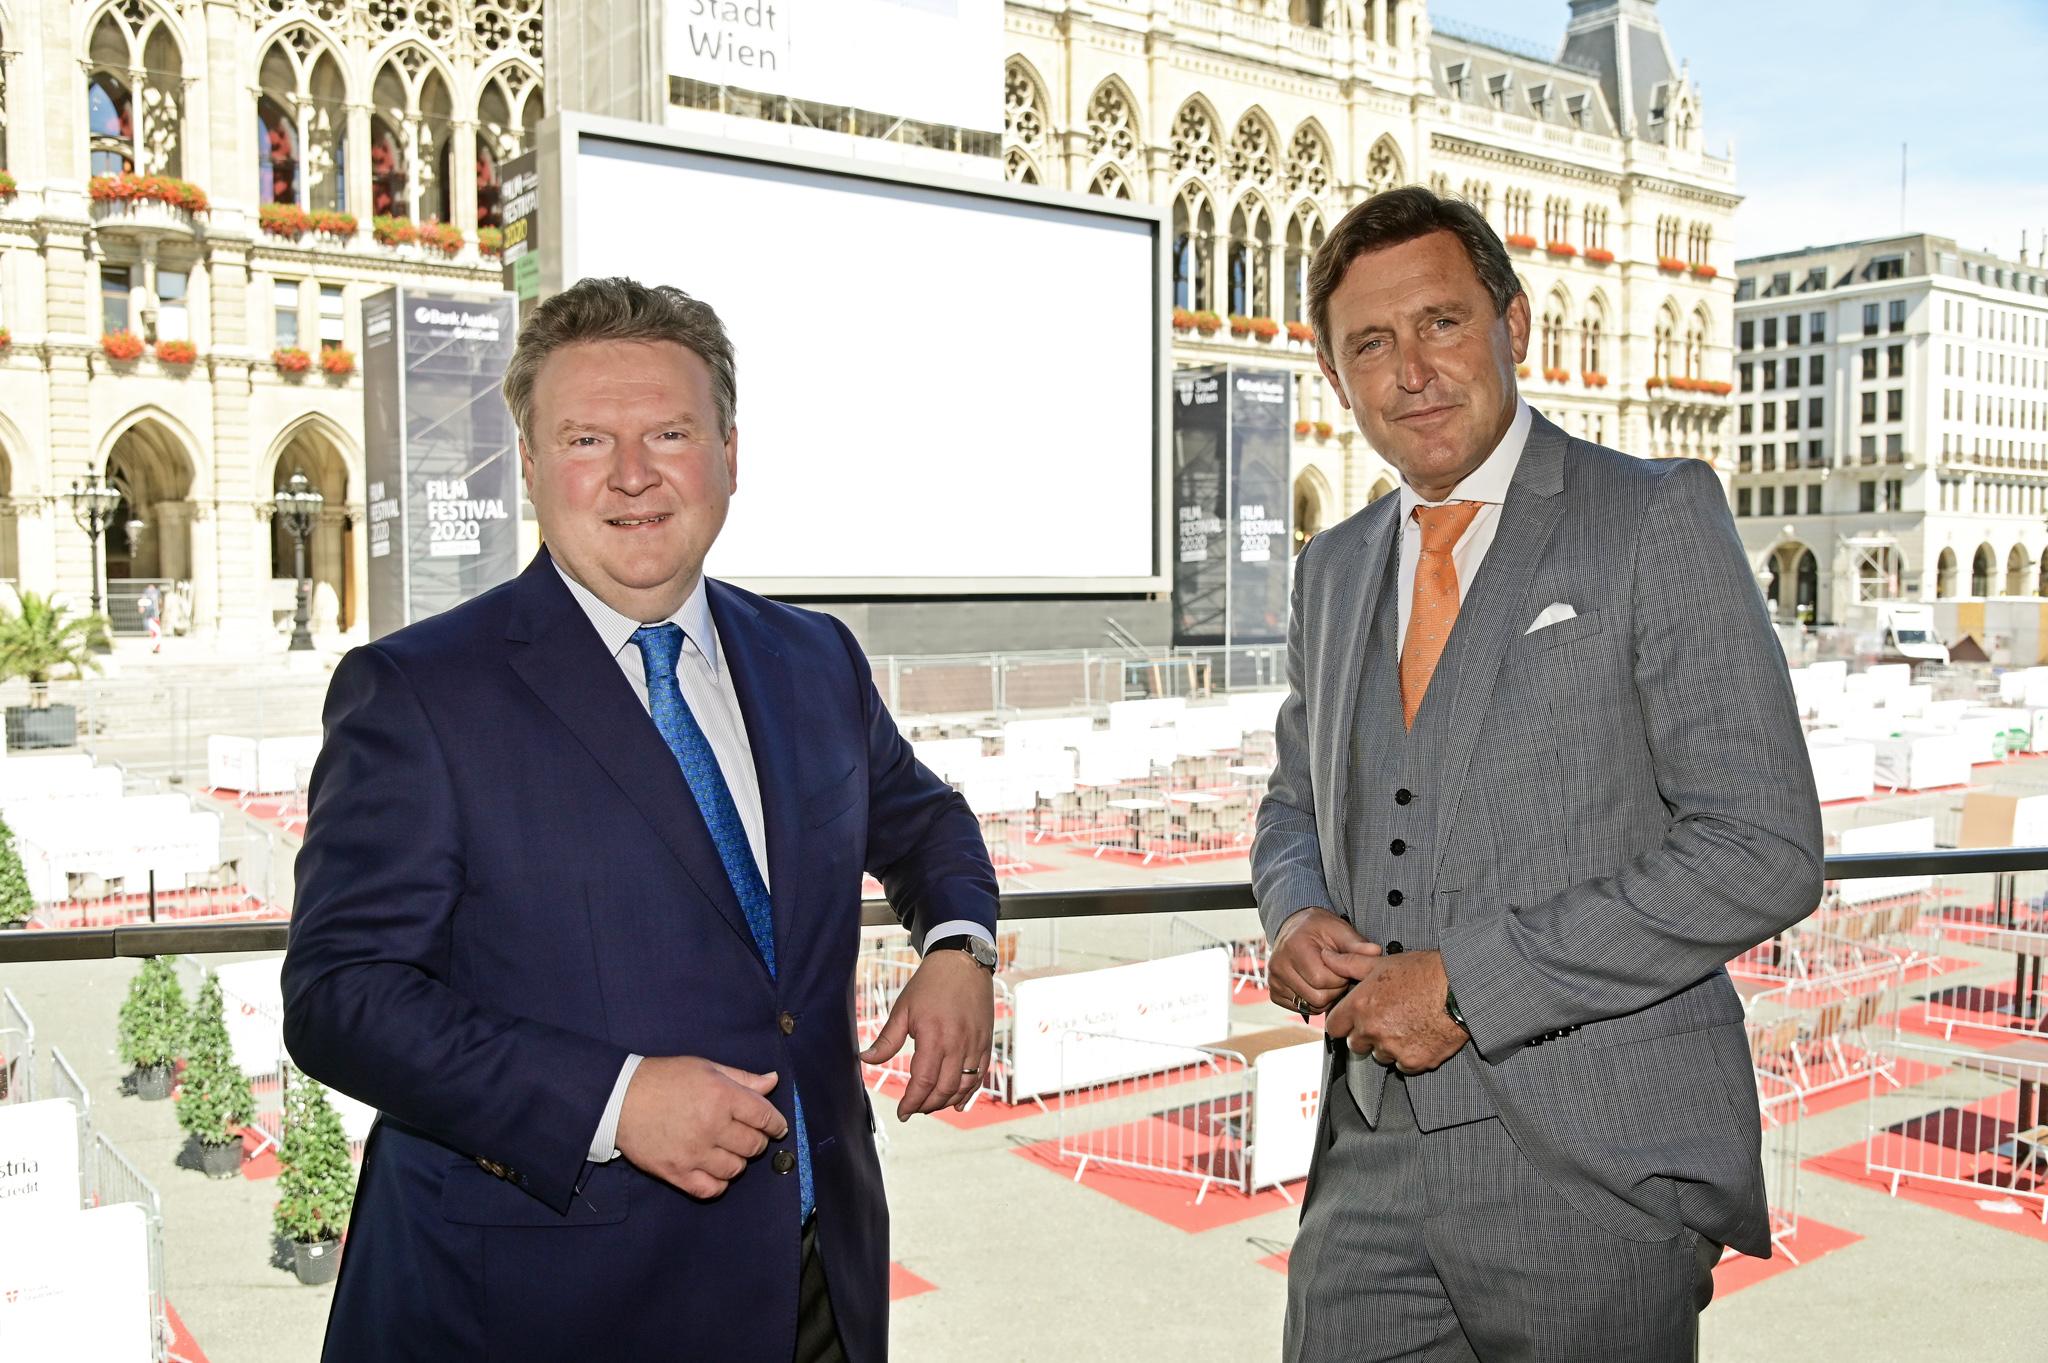 Bürgermeister Ludwig und Stadtrat Hanke besuchen den Aufbau des Film Festivals 2020